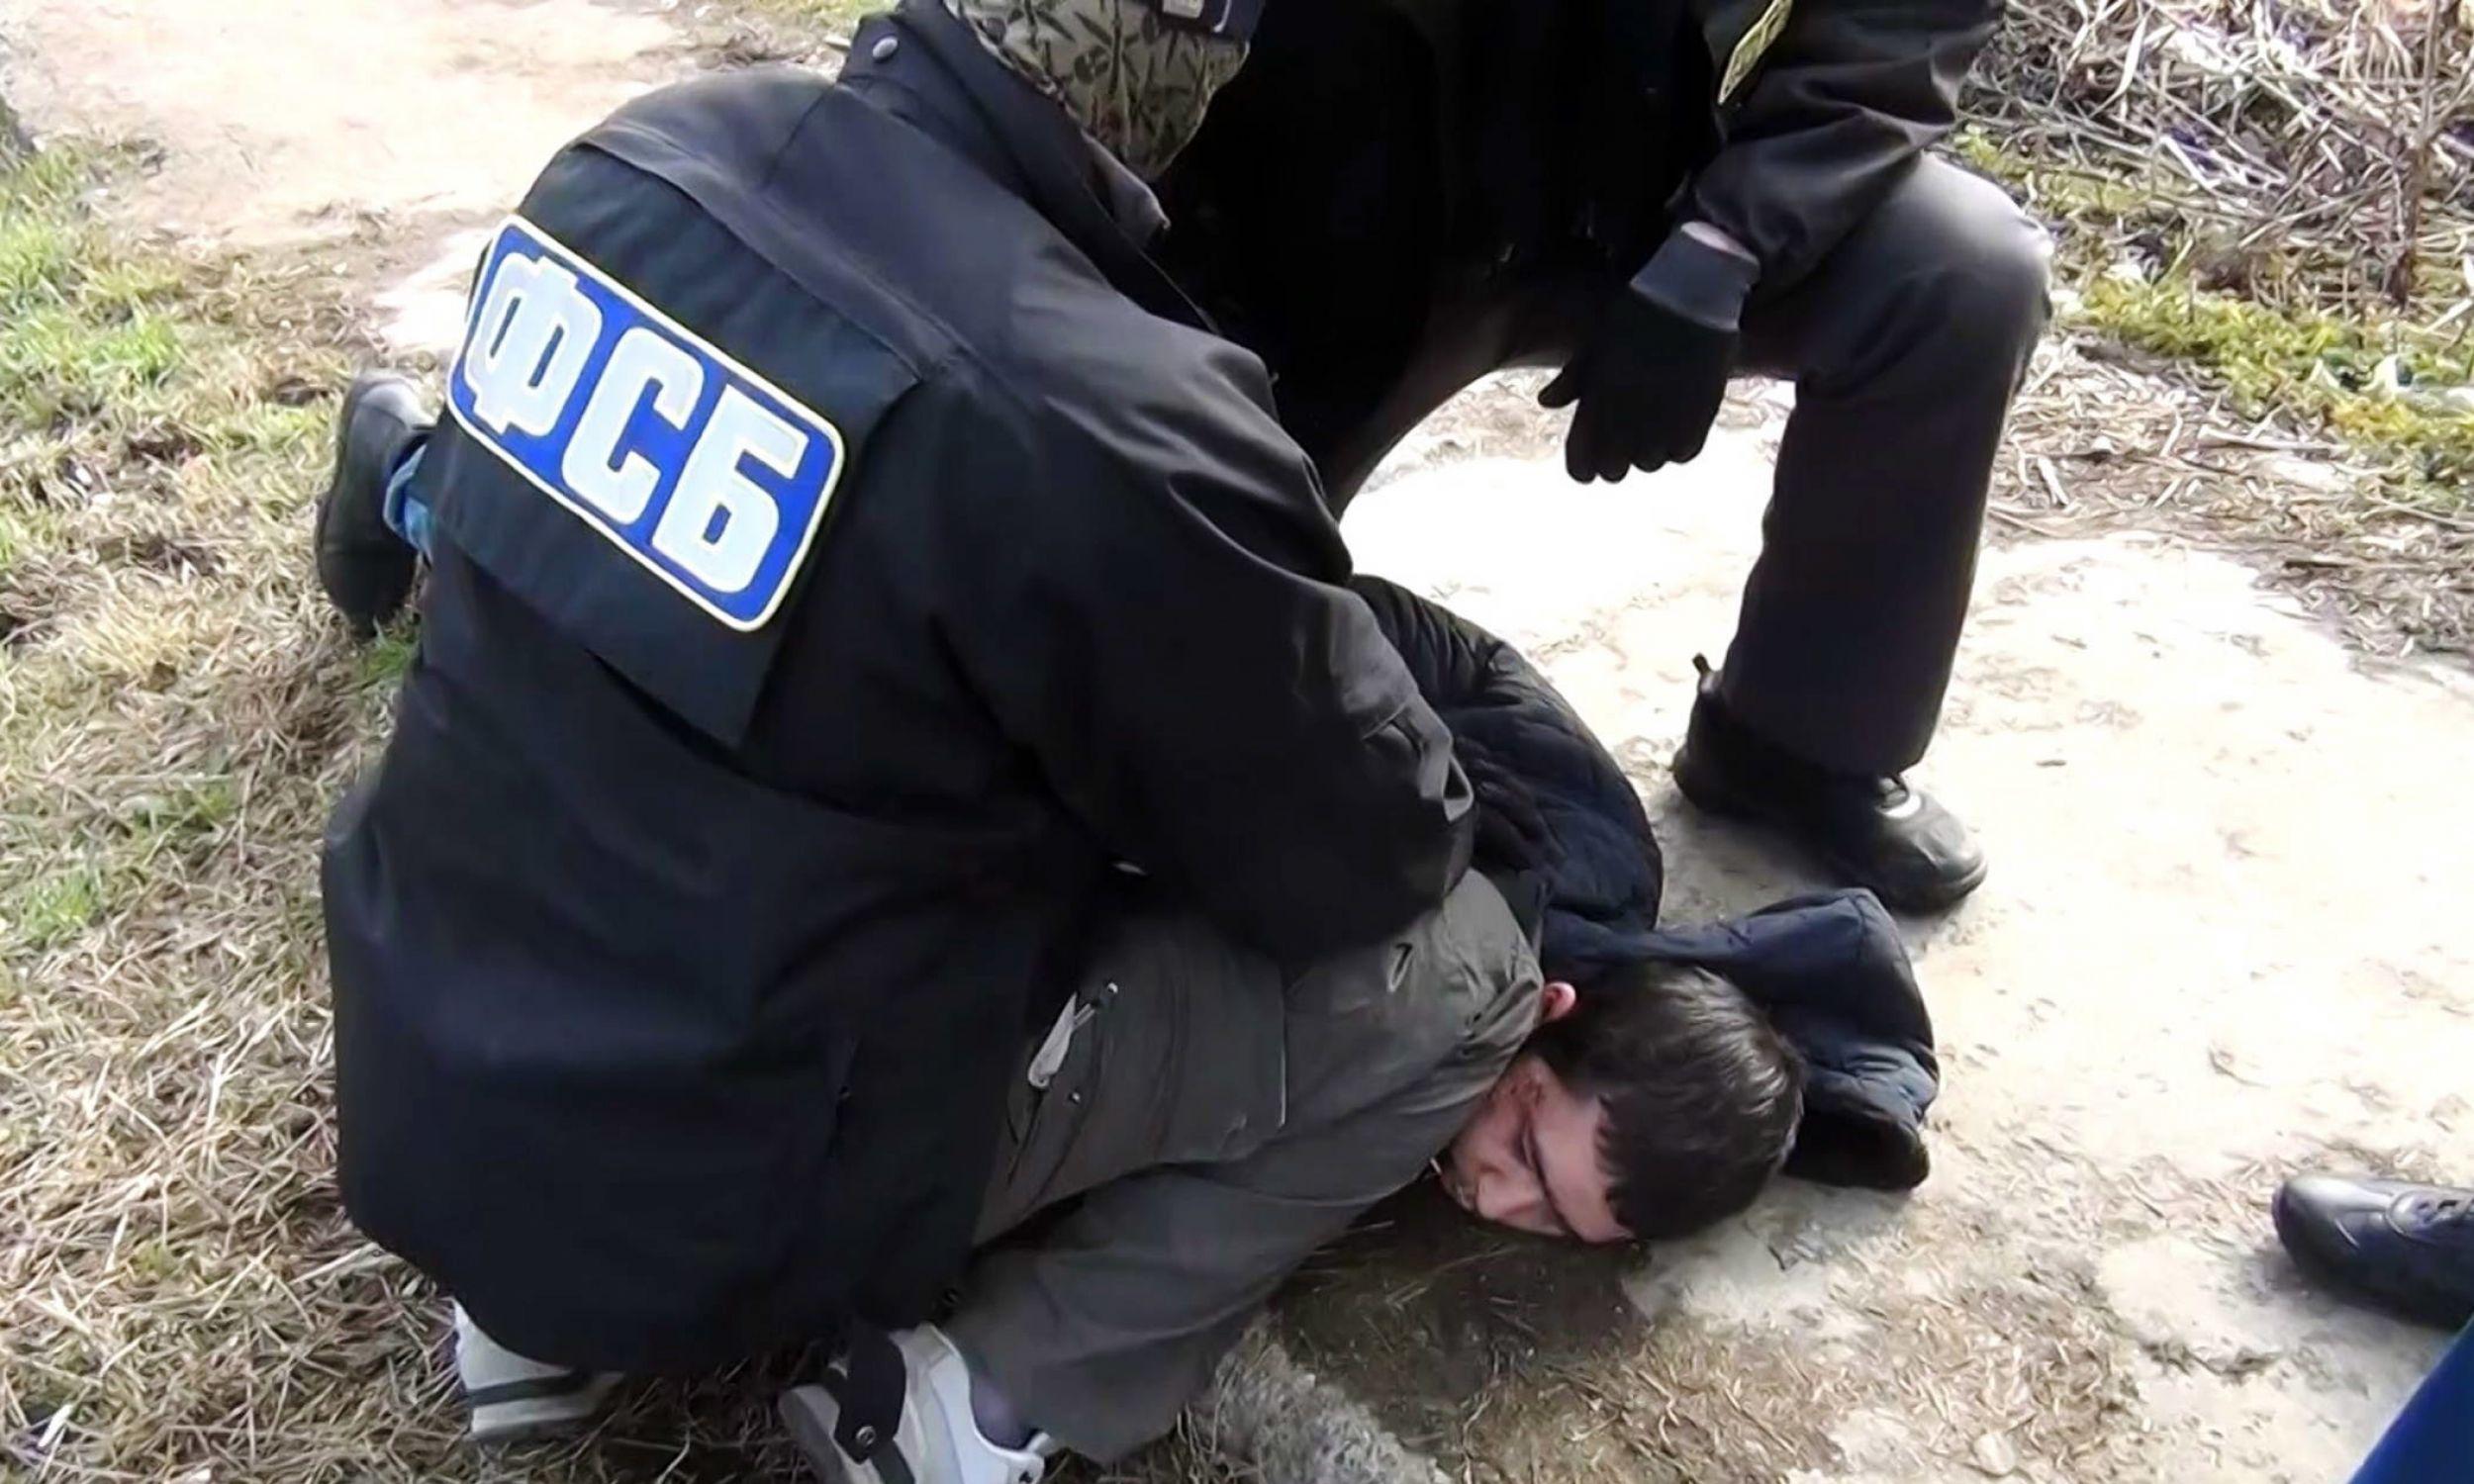 Rosja, 17 kwietnia 2017roku. Pokazowe zatrzymanie Abrora Azimowa, podejrzanego o udział w zamachu bombowym z 3 kwietnia w Petersburgu.  Fot. PAP / Centrum Public Relations FSB / ITAR-TASS.